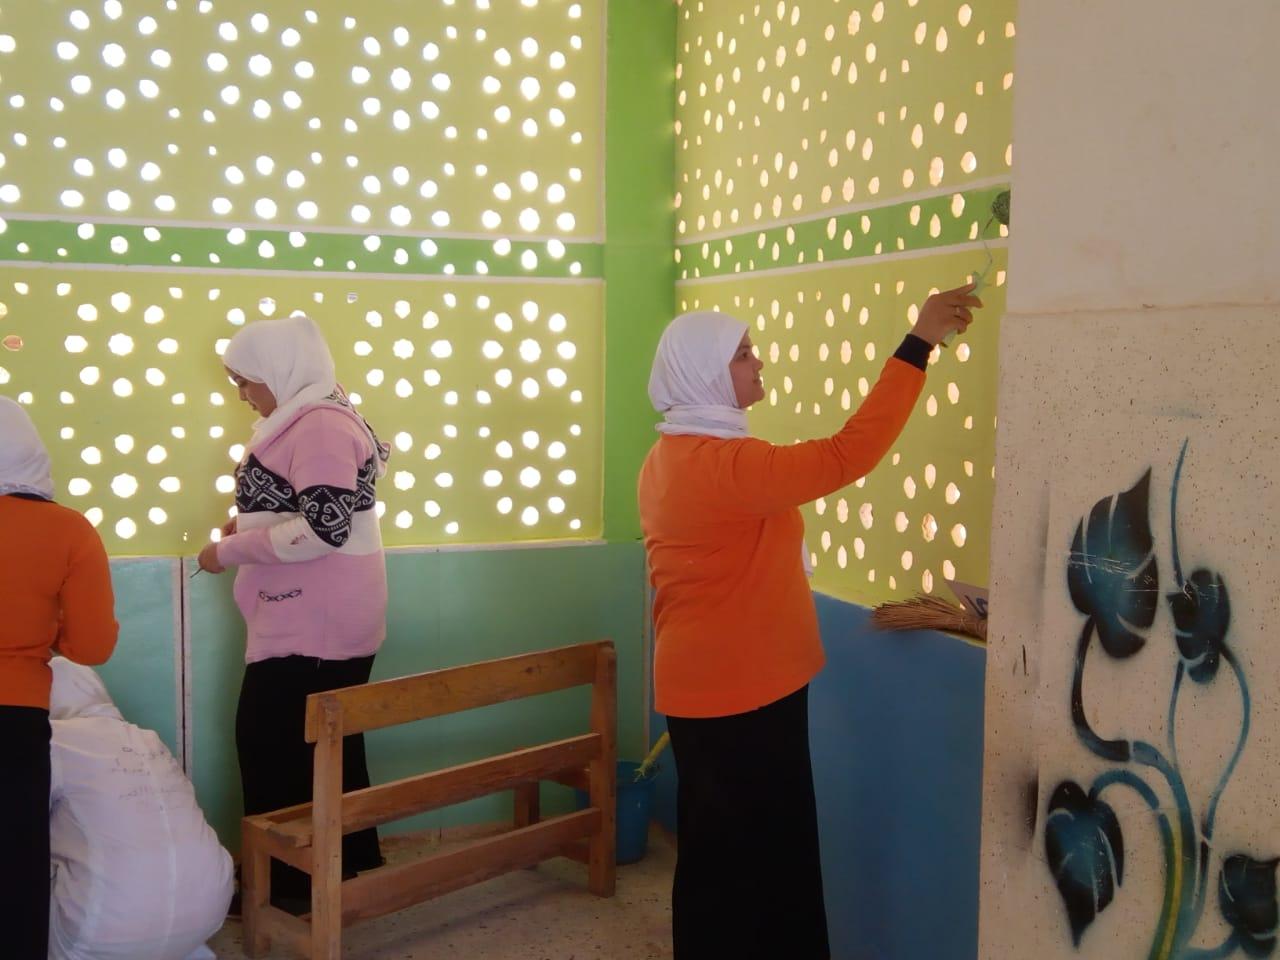 طالبات مدرسة موط الفنية ينفذن مبادرة تجميل أسوار المدارس بلوحات جدارية (10)